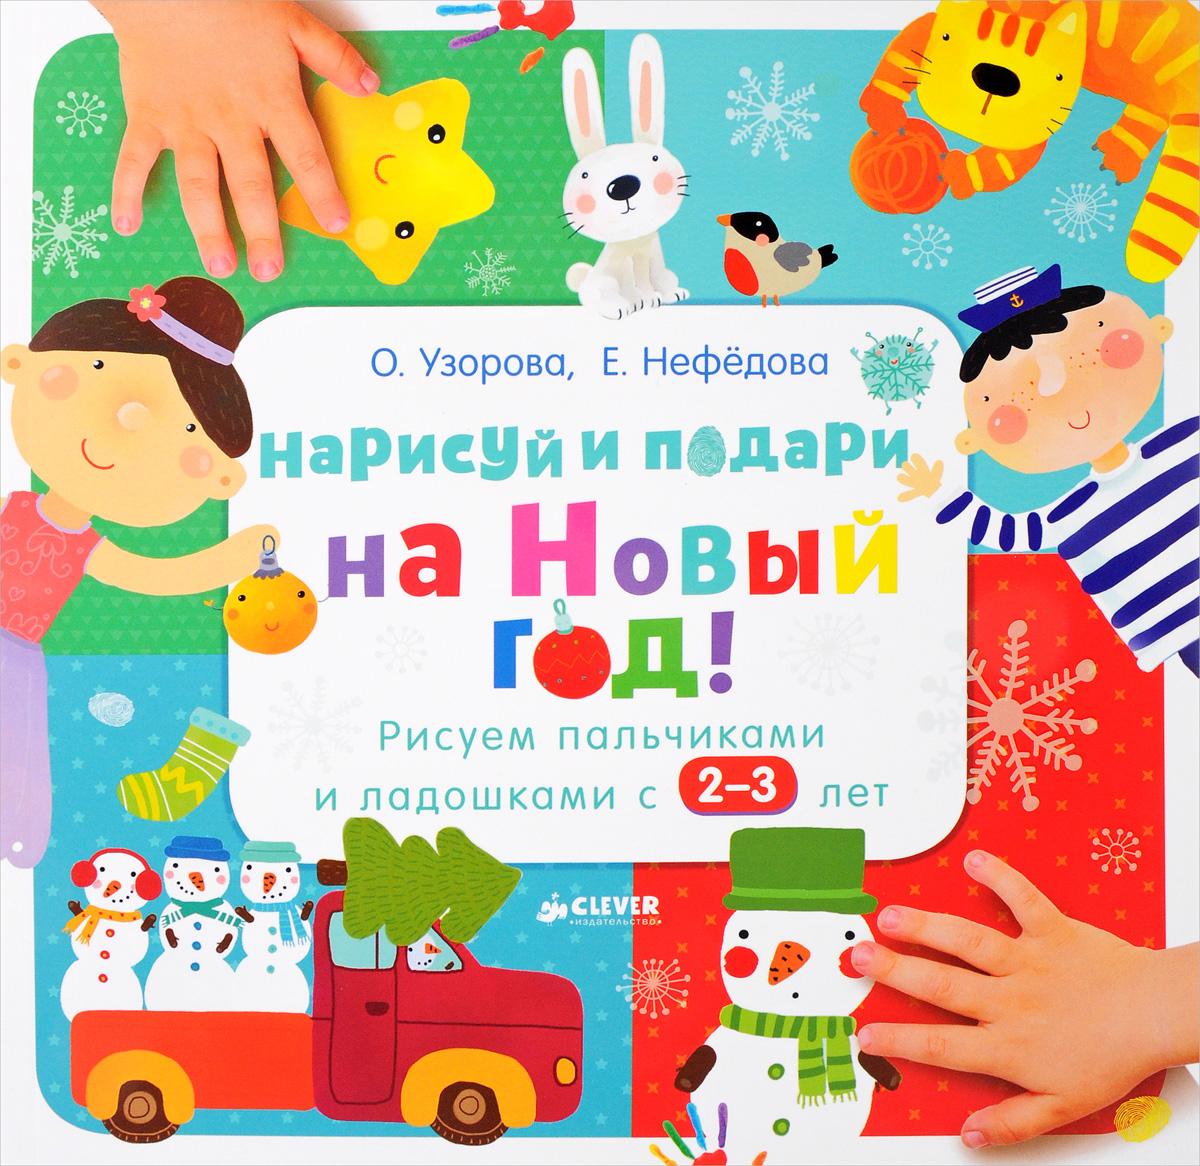 О. Узорова, Е. Нефедова Нарисуй и подари на Новый год! Рисуем пальчиками и ладошками с 2-3 лет рисуем ладошками уровень 1 наклейки узорова о в нефедова е а clever